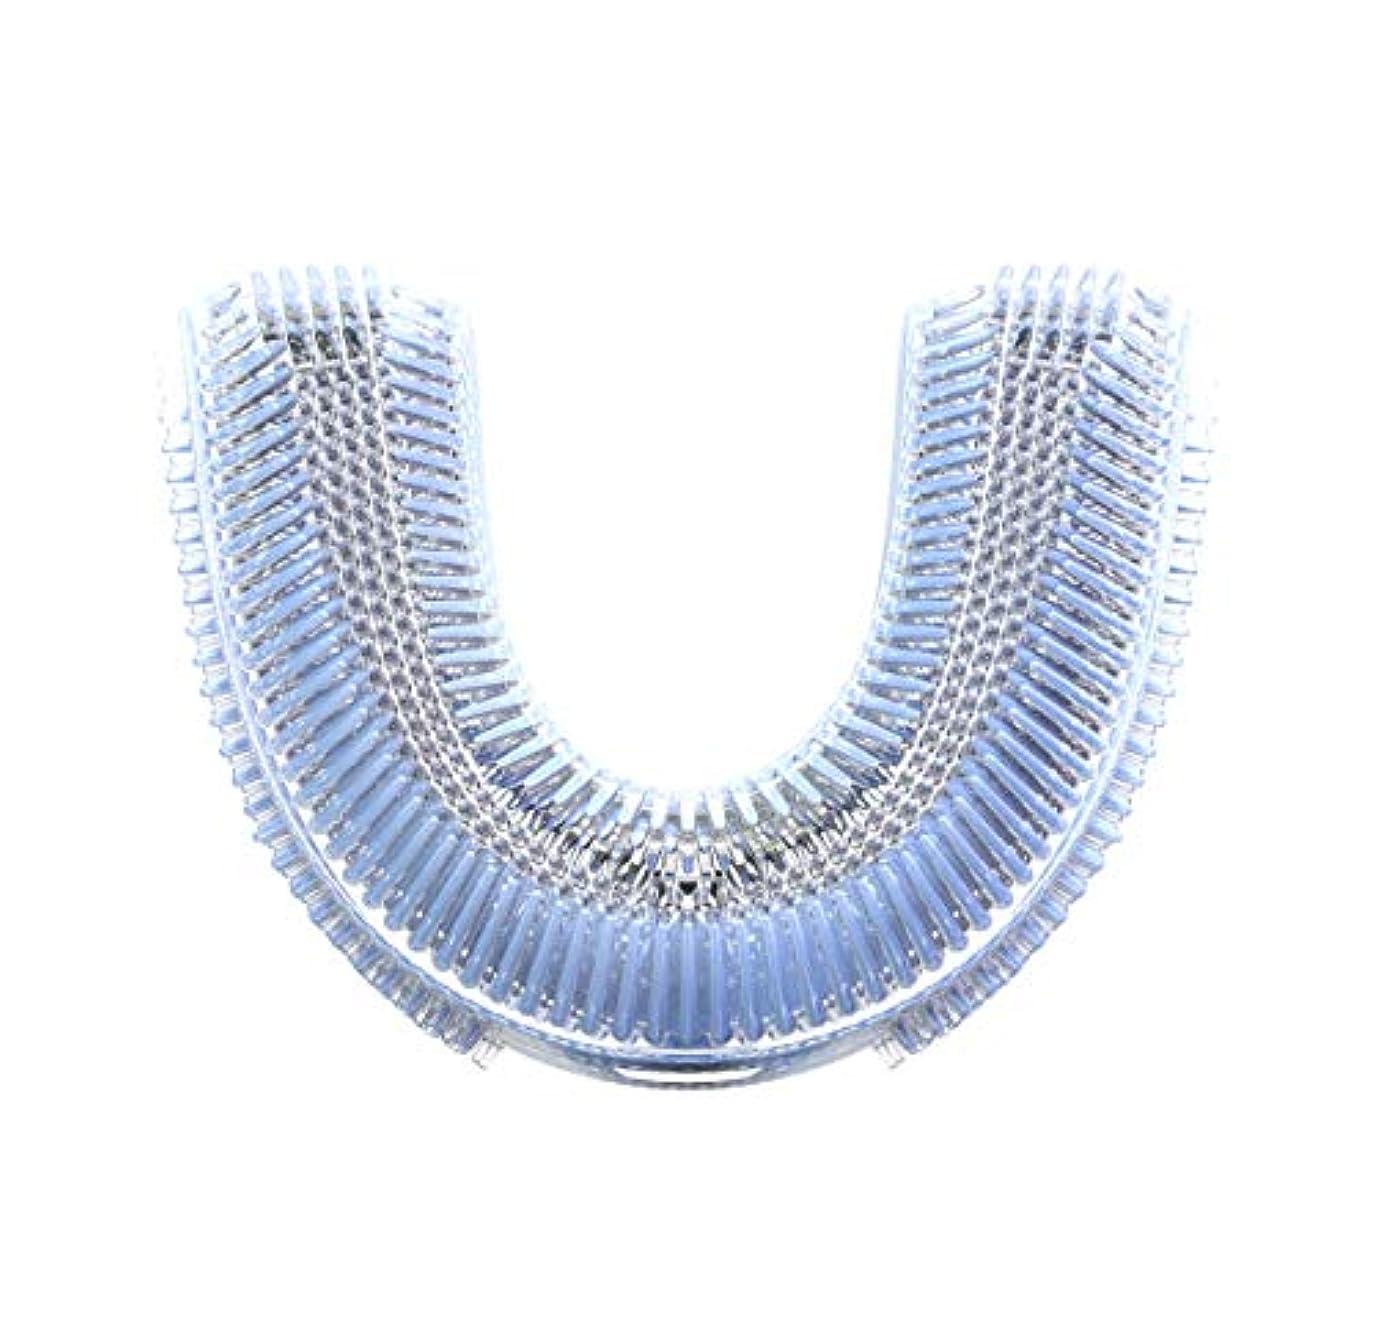 予定月合成GideaTech 四代目ブラシヘッド 日本製 口腔洗浄器 電動歯ブラシ 音波振動歯ブラシ用 U型ブラシヘッド